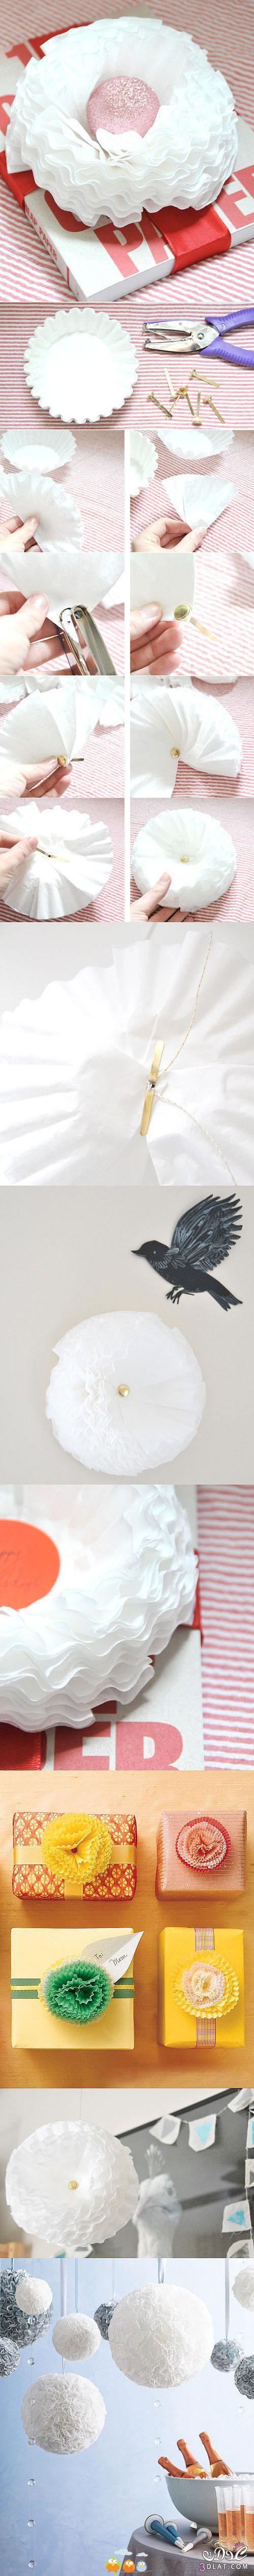 [صور] طريقة جديدة لعمل وردة من الورق2014,من قوالب الكب كيك اعملي احلى وردة للهدايا 13882707853.jpg